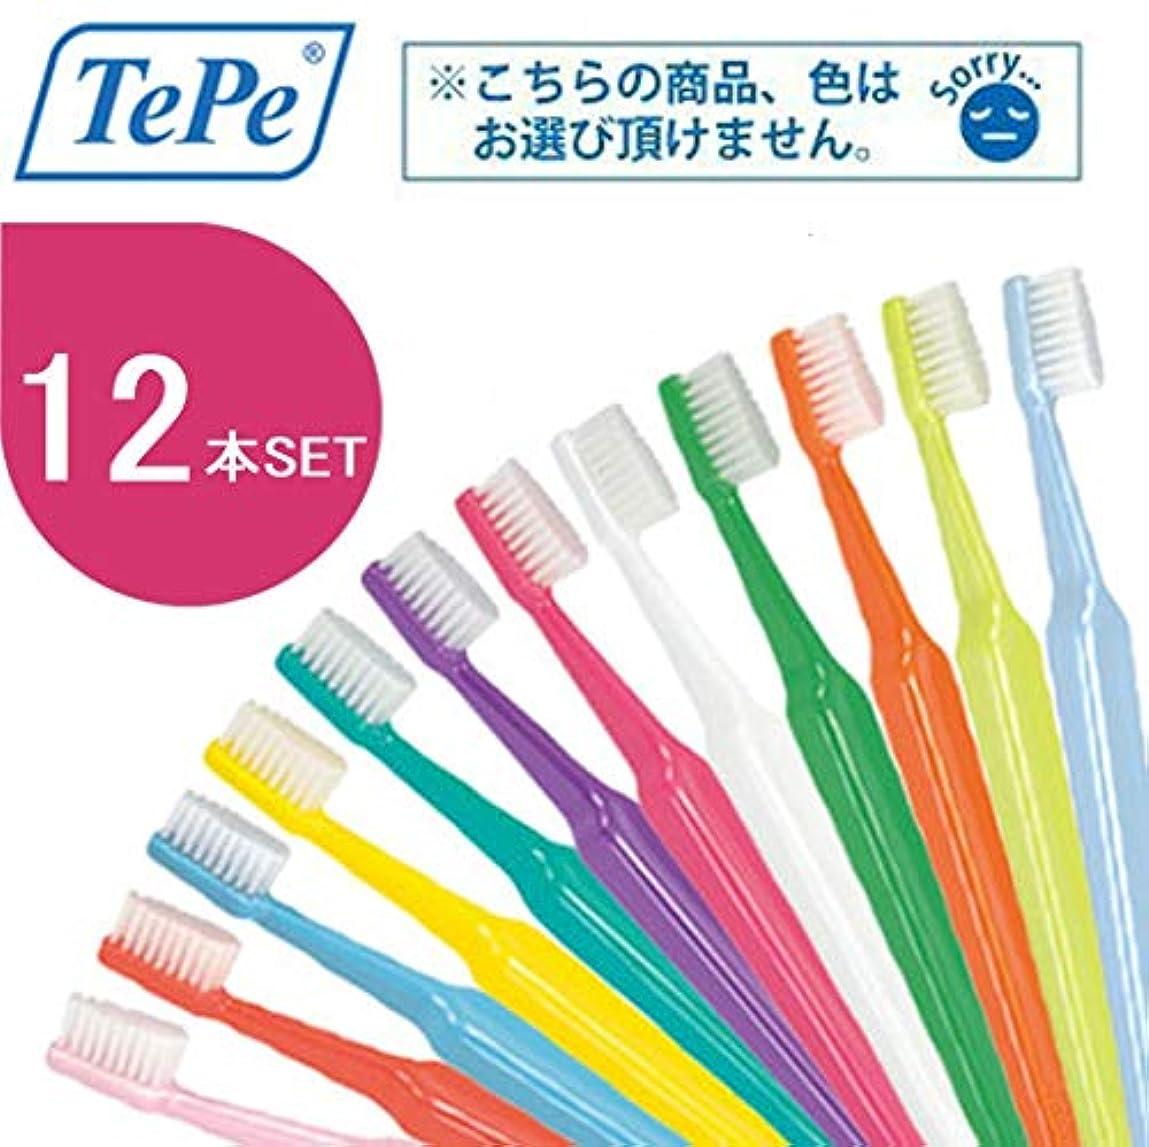 ダイジェスト不毛のエキゾチッククロスフィールド TePe テペ セレクト 歯ブラシ 12本 (エクストラソフト)